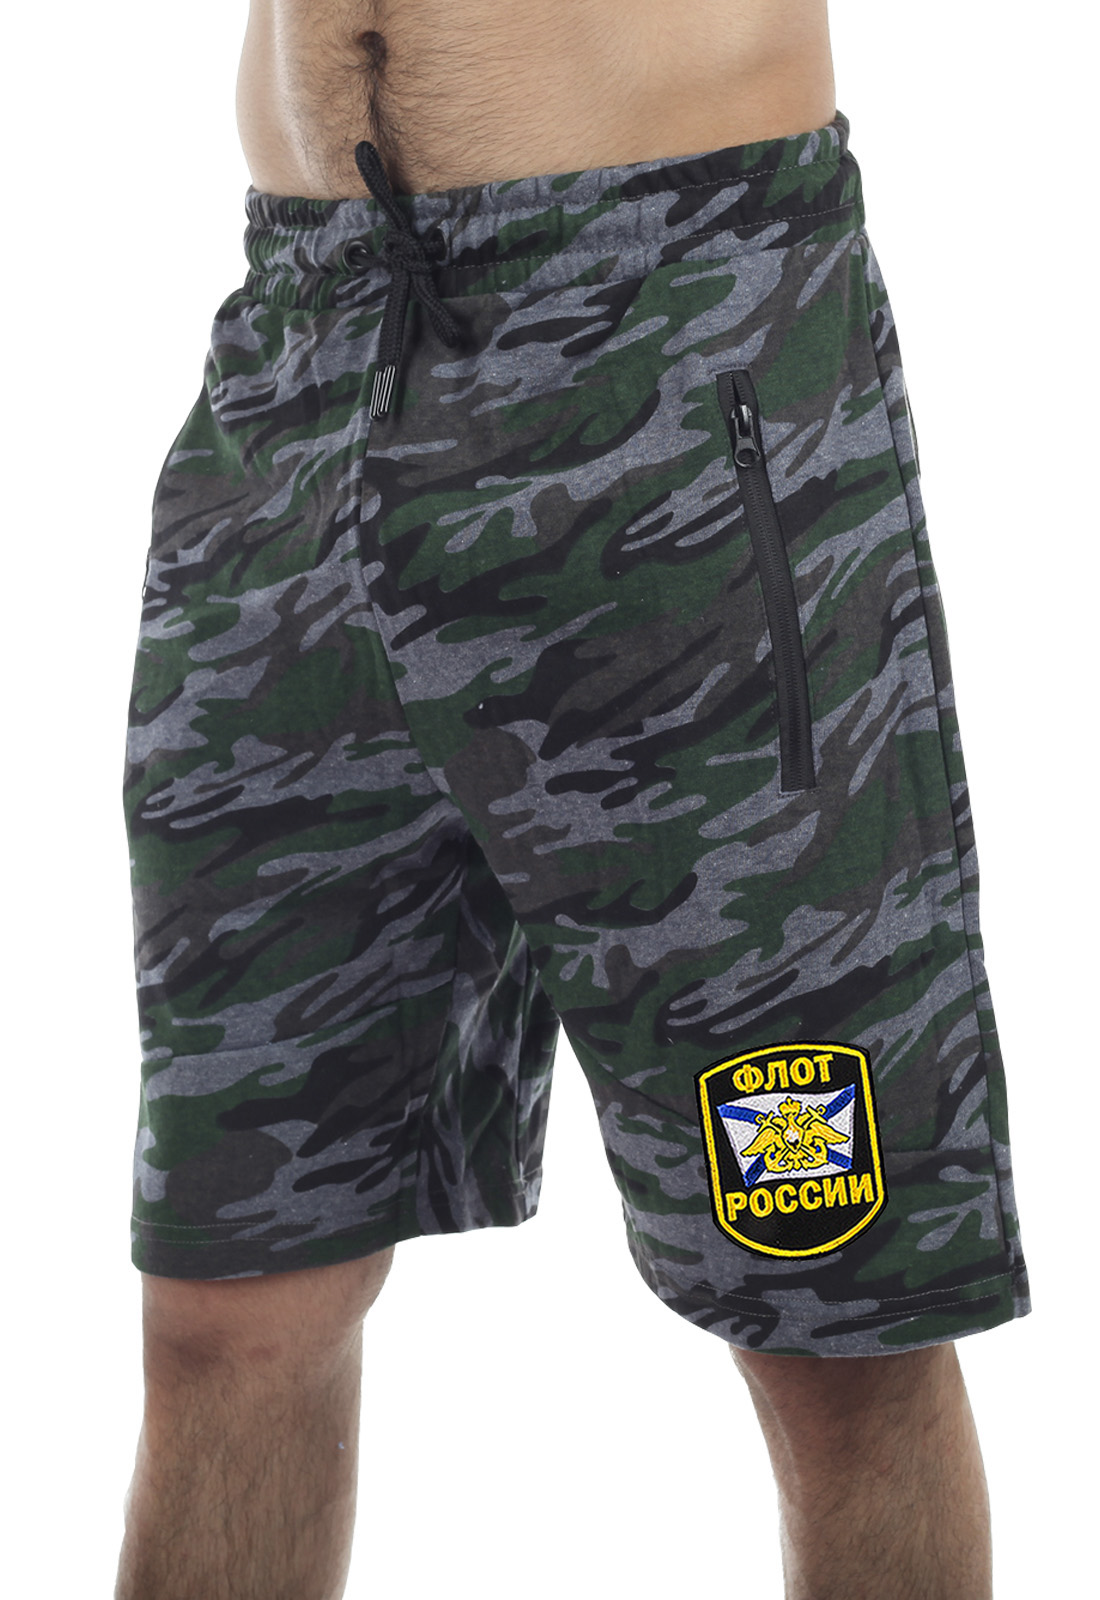 Купить армейские надежные шорты с нашивкой Флот России по экономичной цене